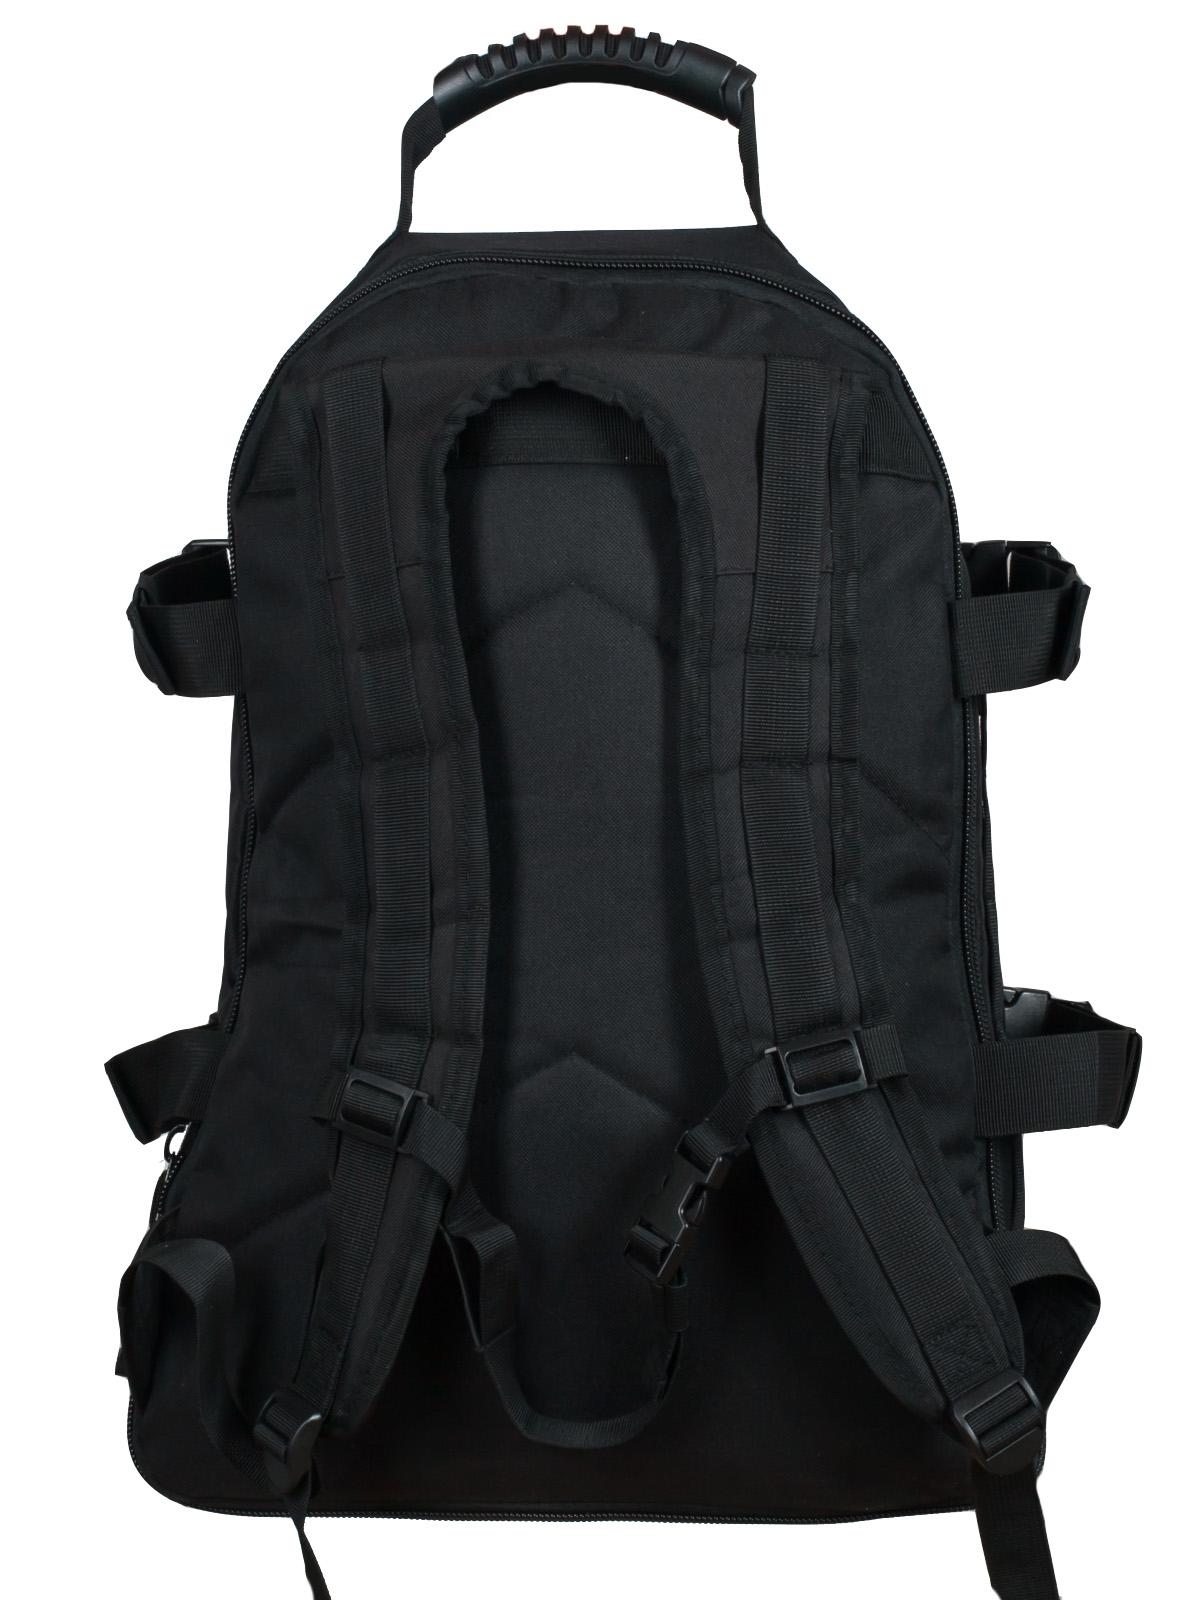 Универсальный черный рюкзак с эмблемой Охотничьего спецназа купить в розницу или оптом